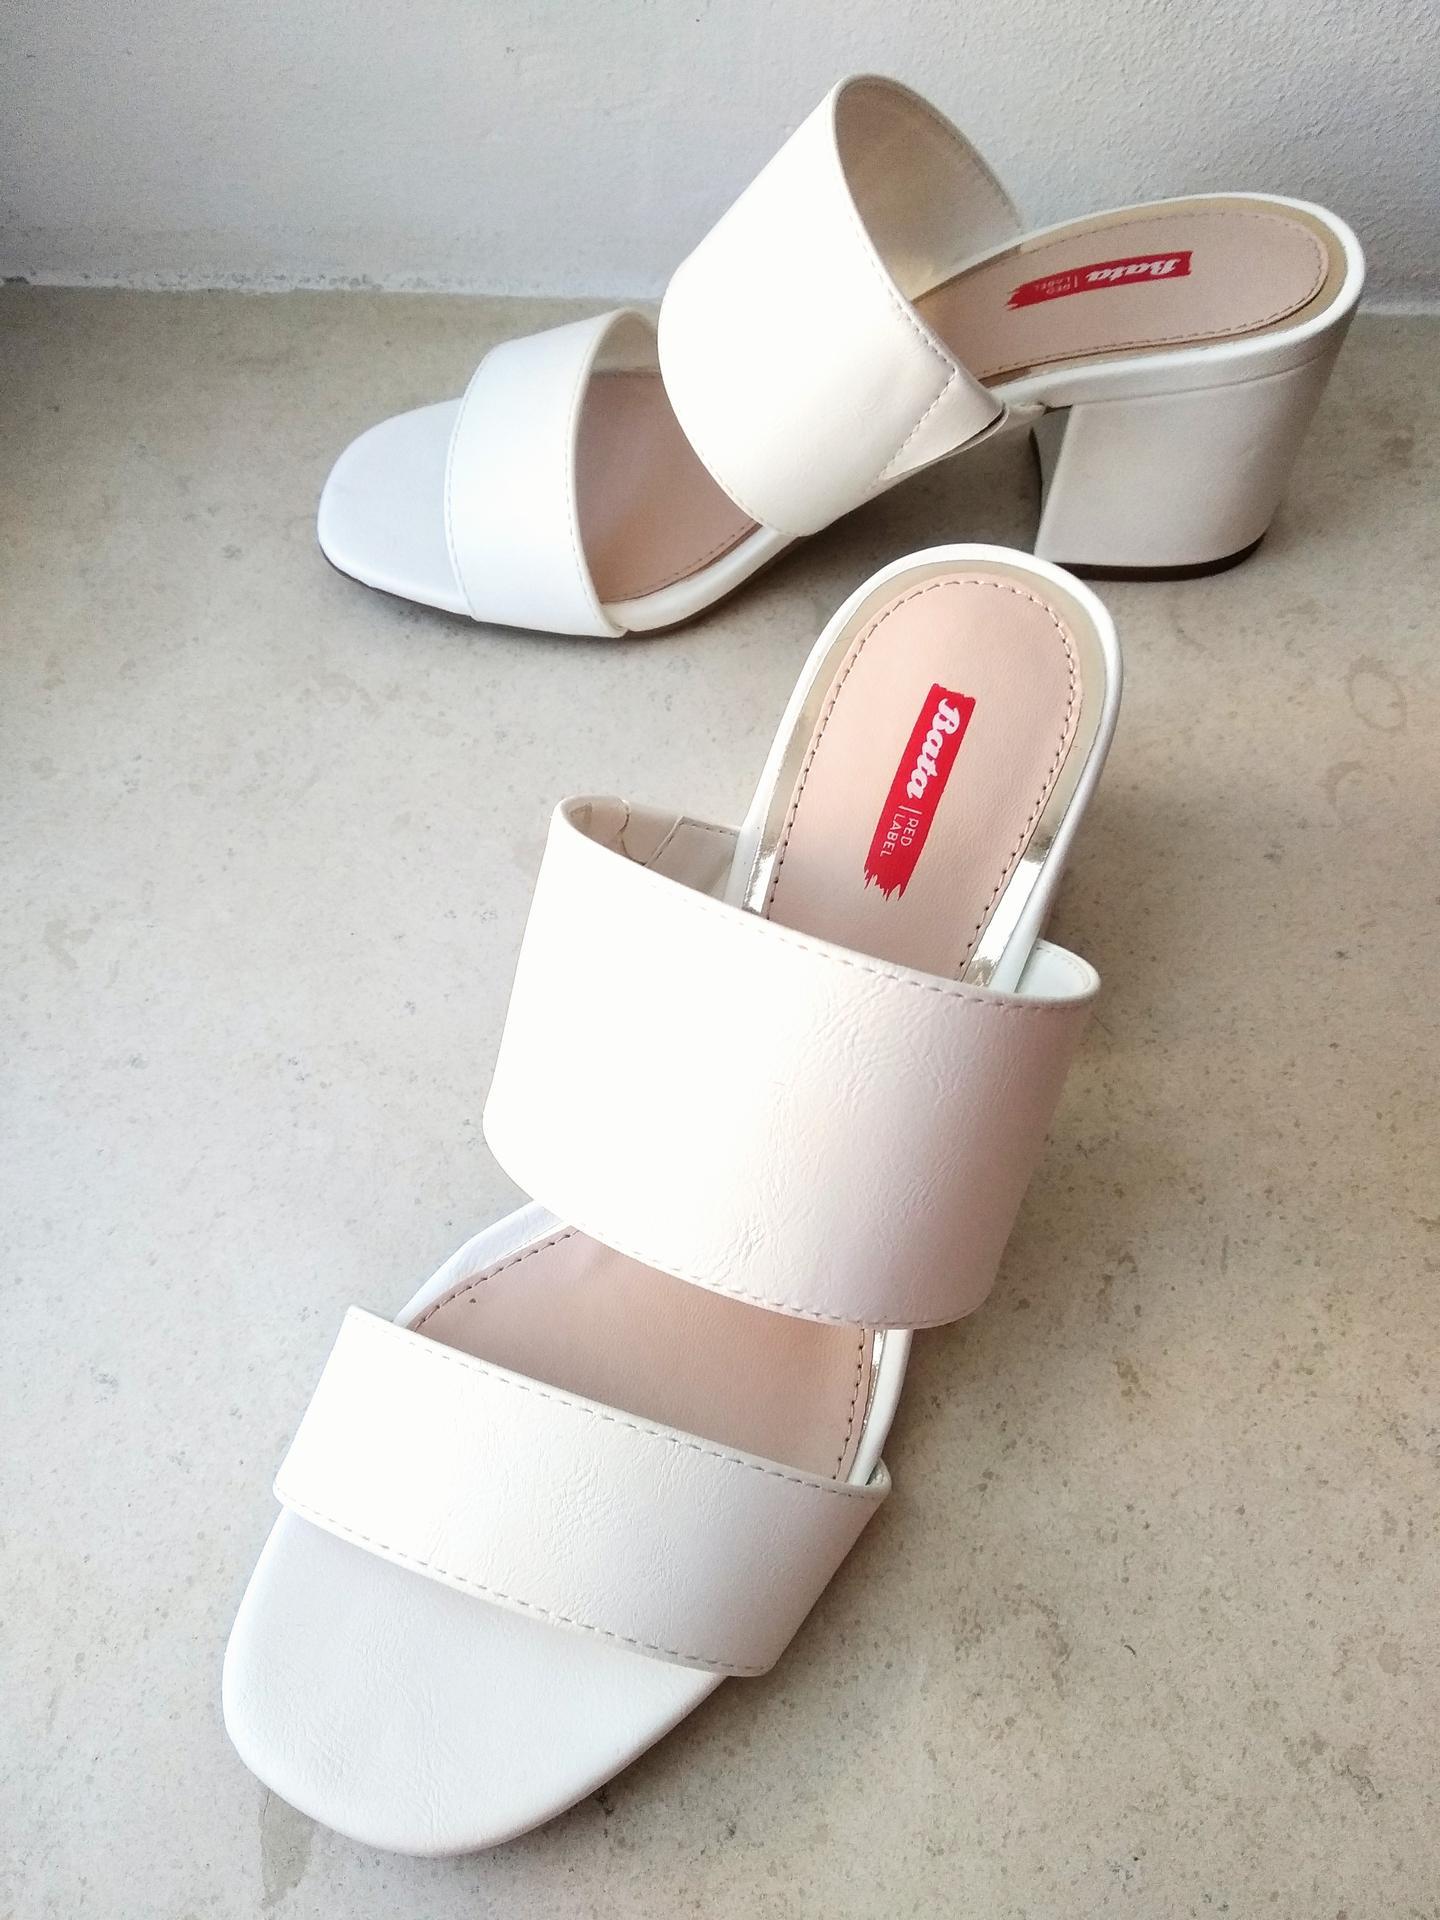 Svatební přípravy - Nesmírně pohodlné boty, které budu mít během dne.